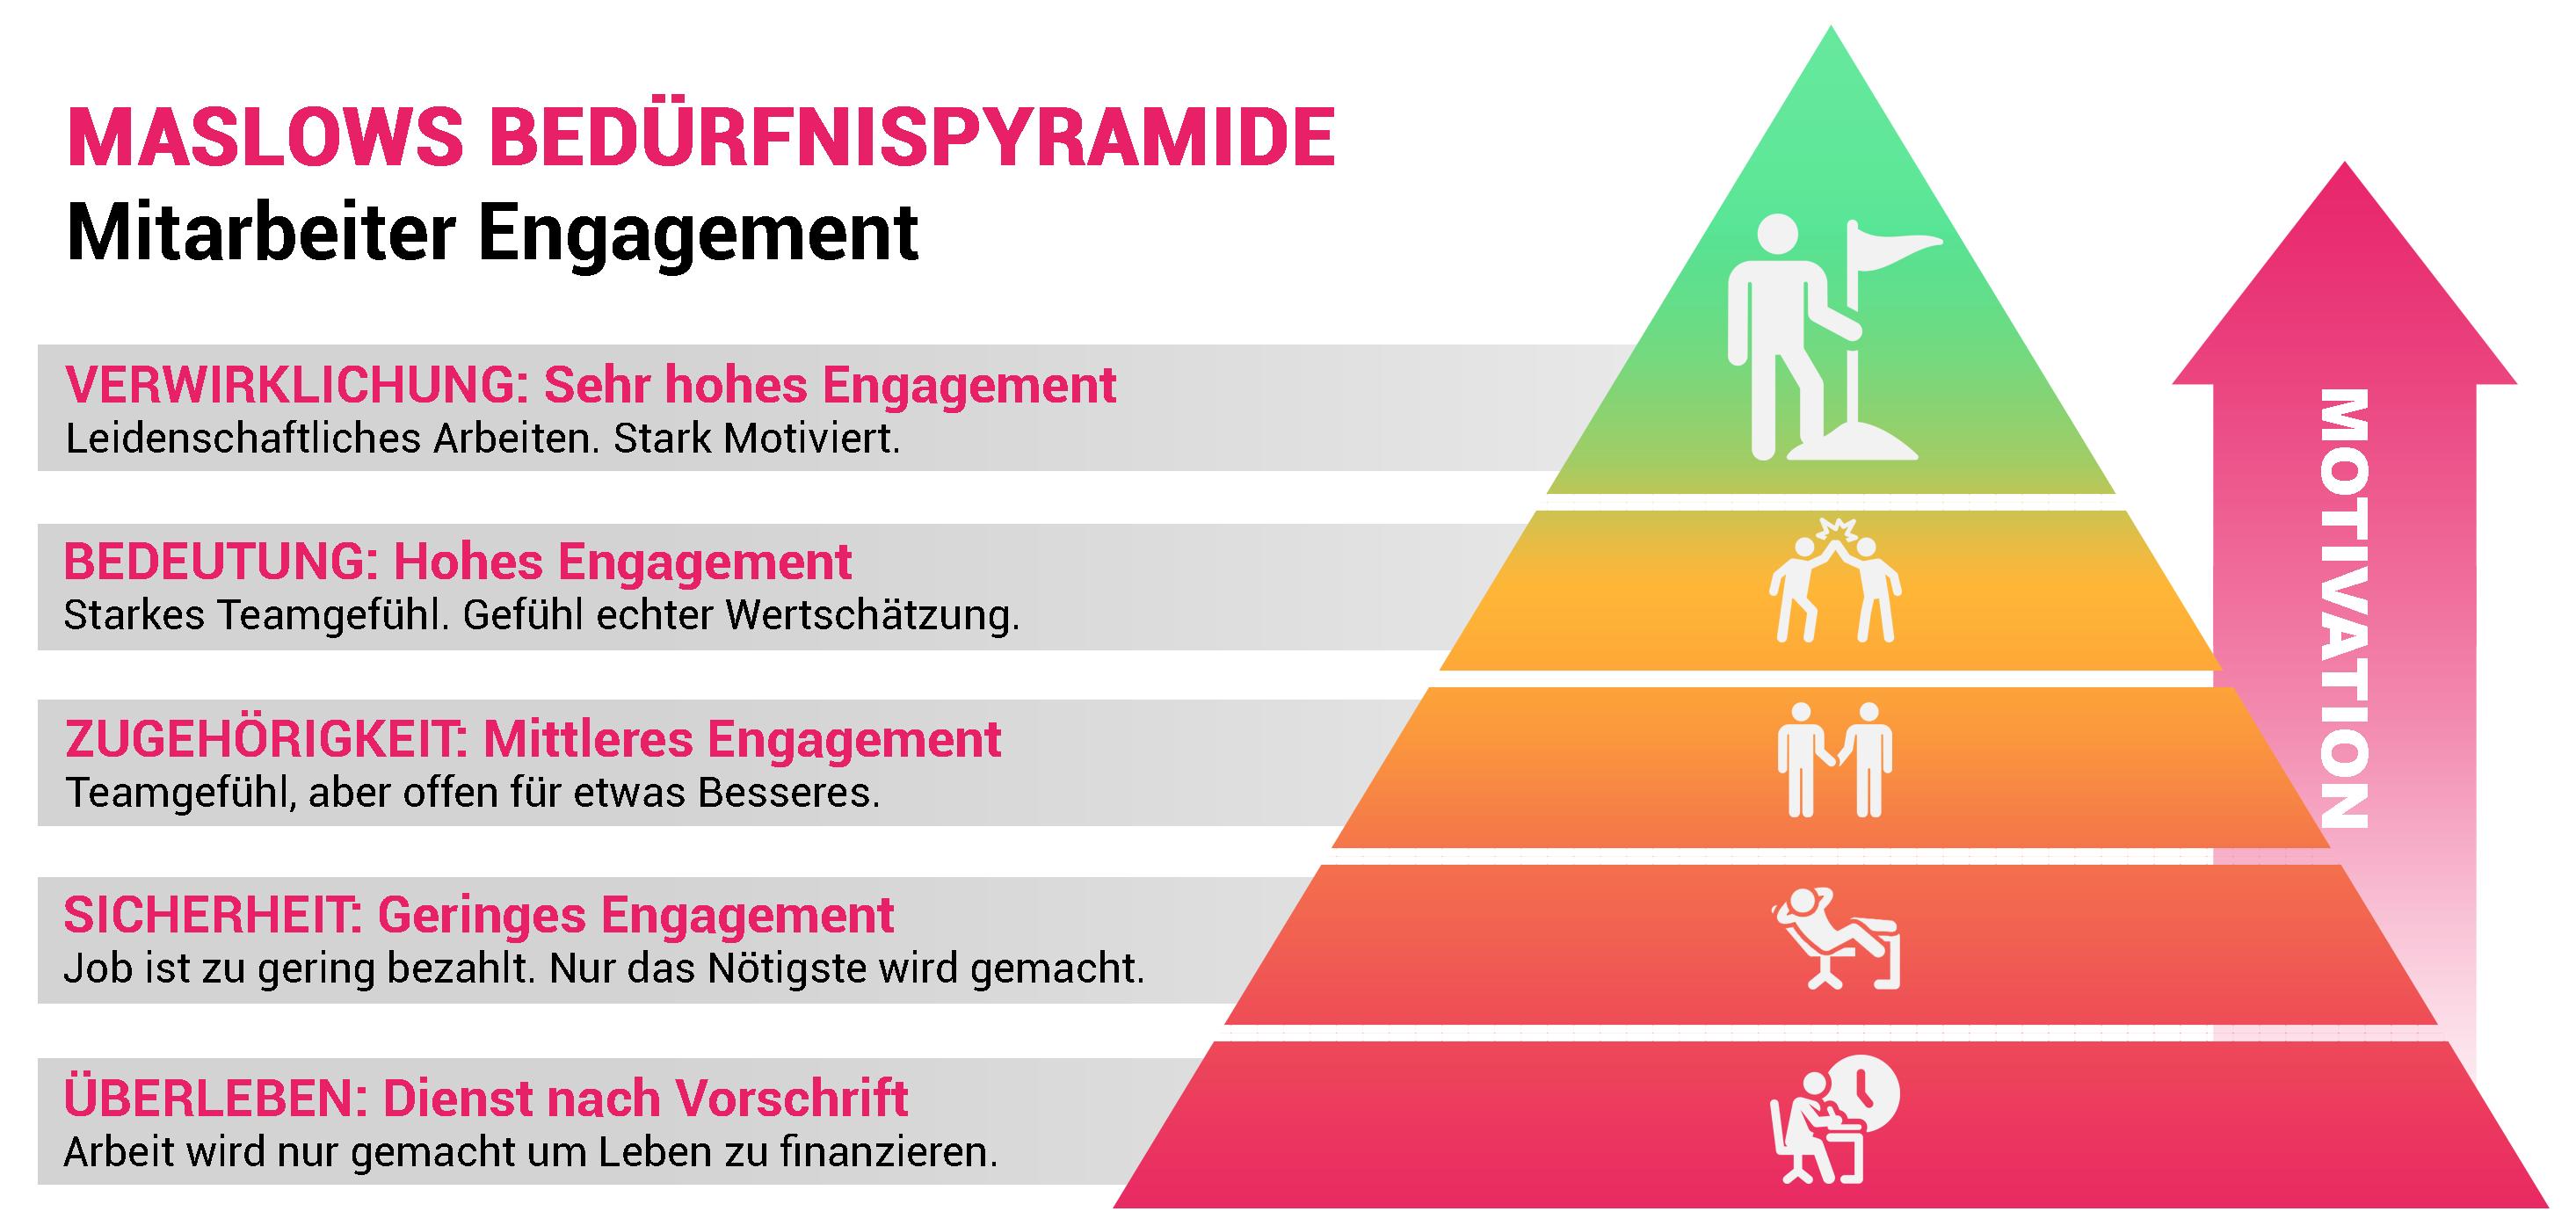 Schaubild: Maslows Bedürfnispyramide - Mitarbeiterzufriedenheit